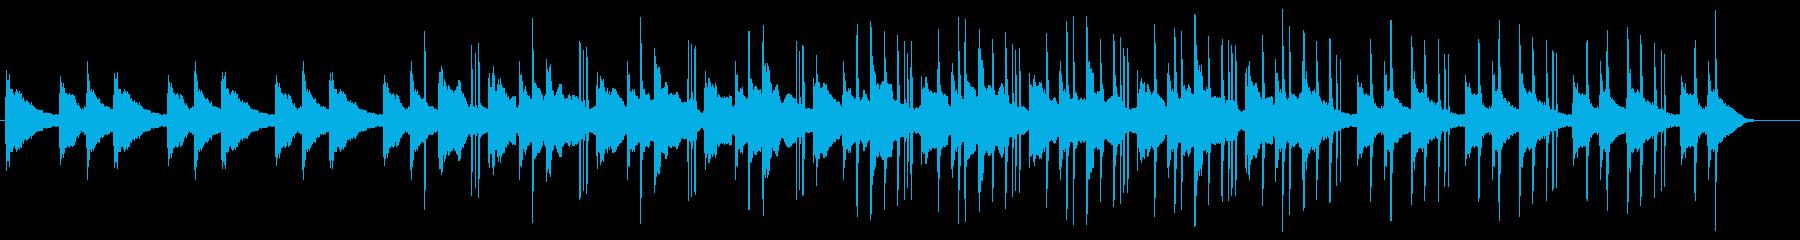 静かなピアノのローファイヒップホップの再生済みの波形